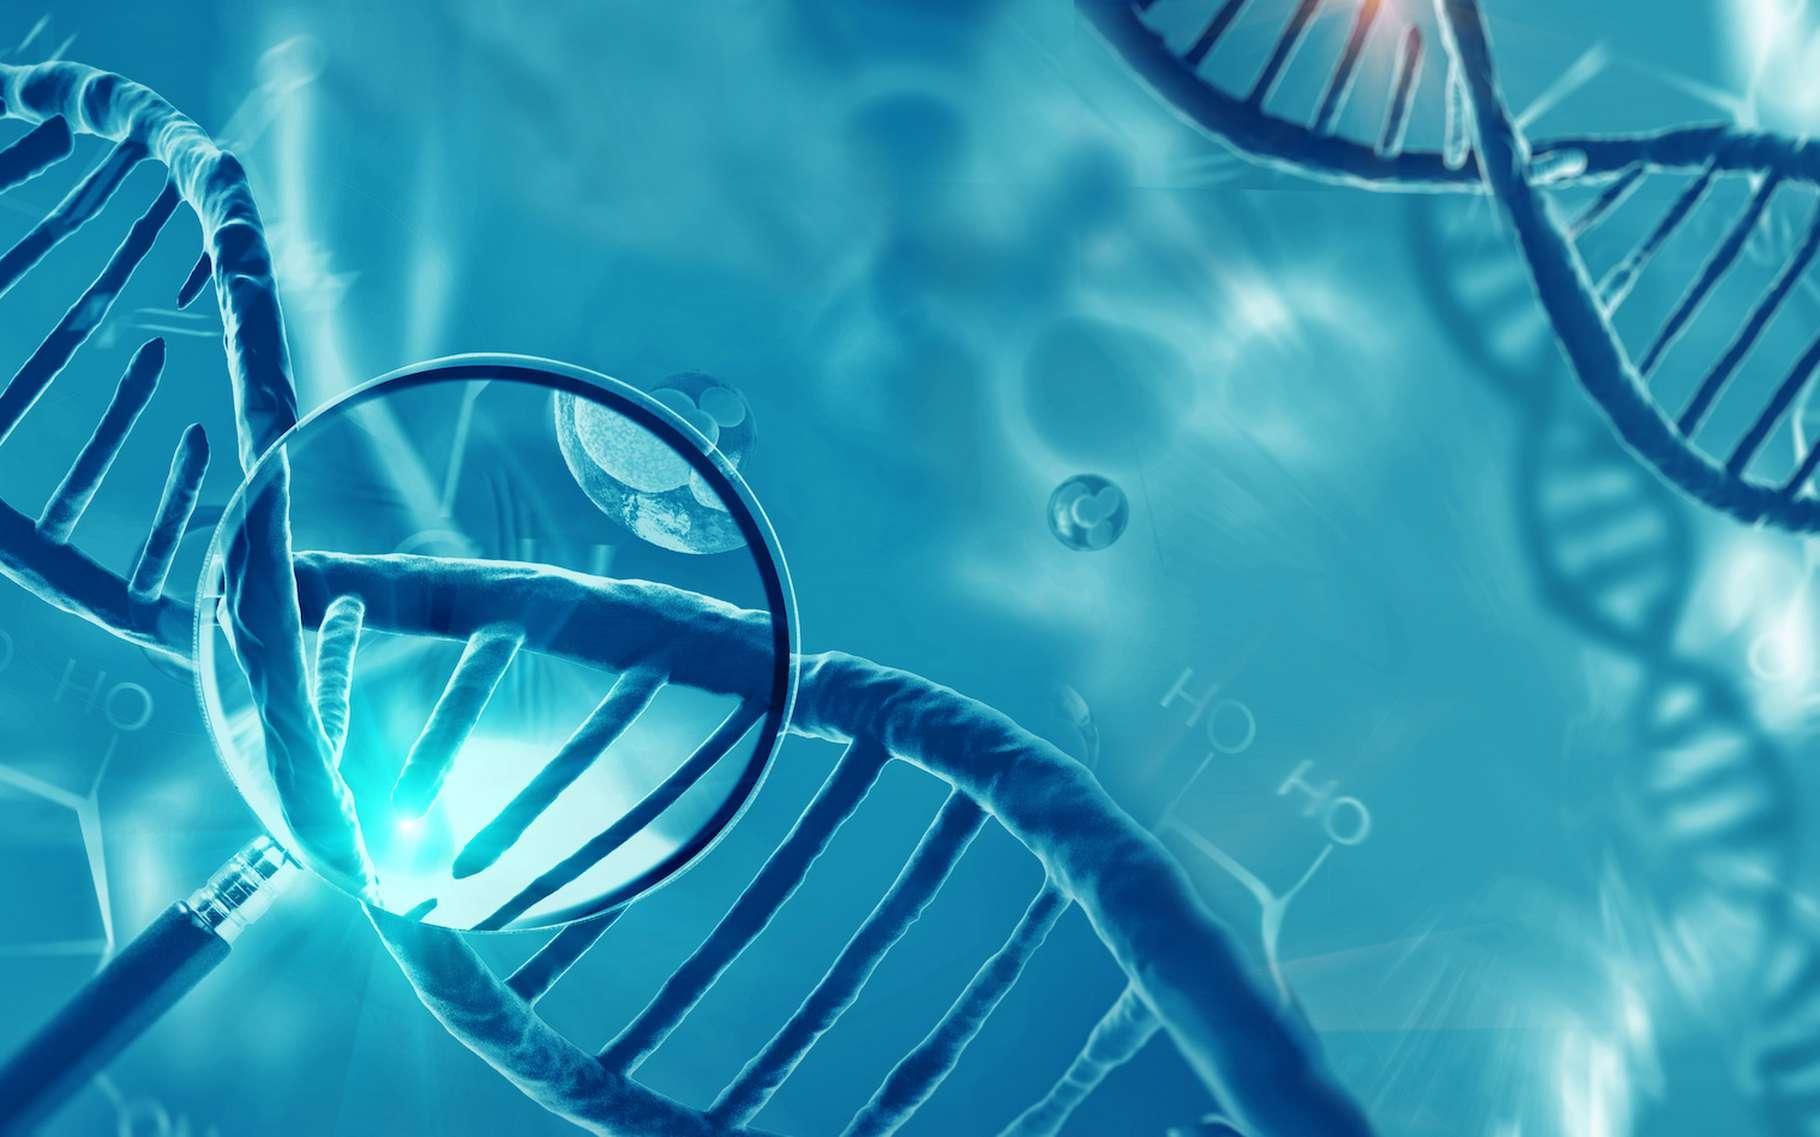 Des chercheurs de l'Institut de recherche Scripps (États-Unis) exposent leur idée sur la manière dont la vie a pu apparaître sur Terre. À partir d'ARN, mais aussi d'ADN. © Giovanni Cancemi, Adobe Stock